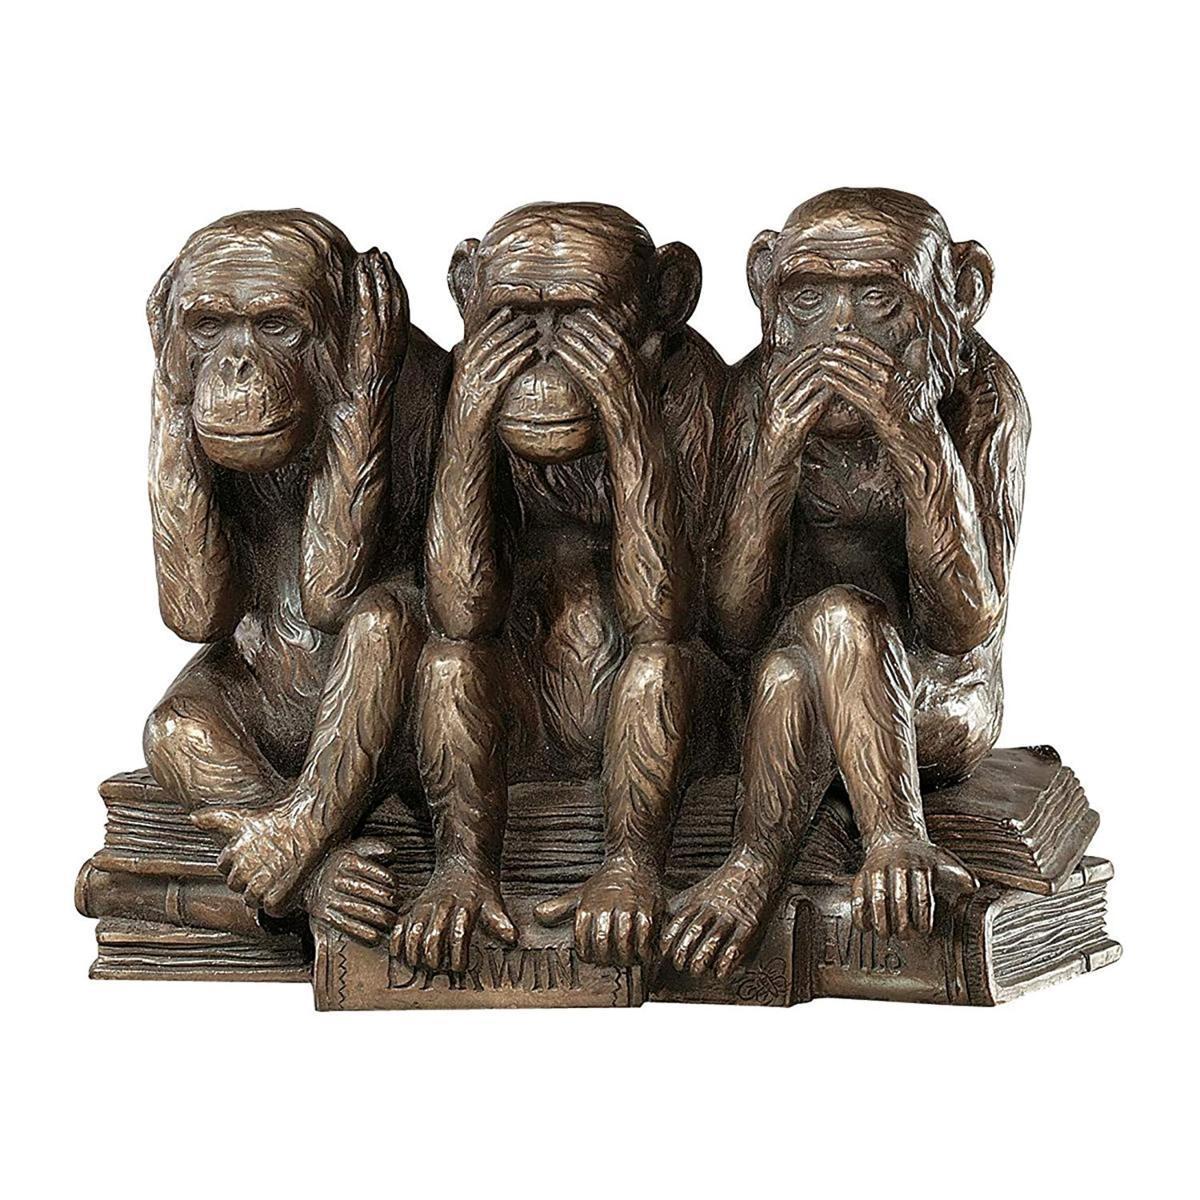 デザイン・トスカノ製 「見ざる、聞かざる、言わざる」三猿動物像 置物 彫刻 彫像 高さ約18cm(輸入品)